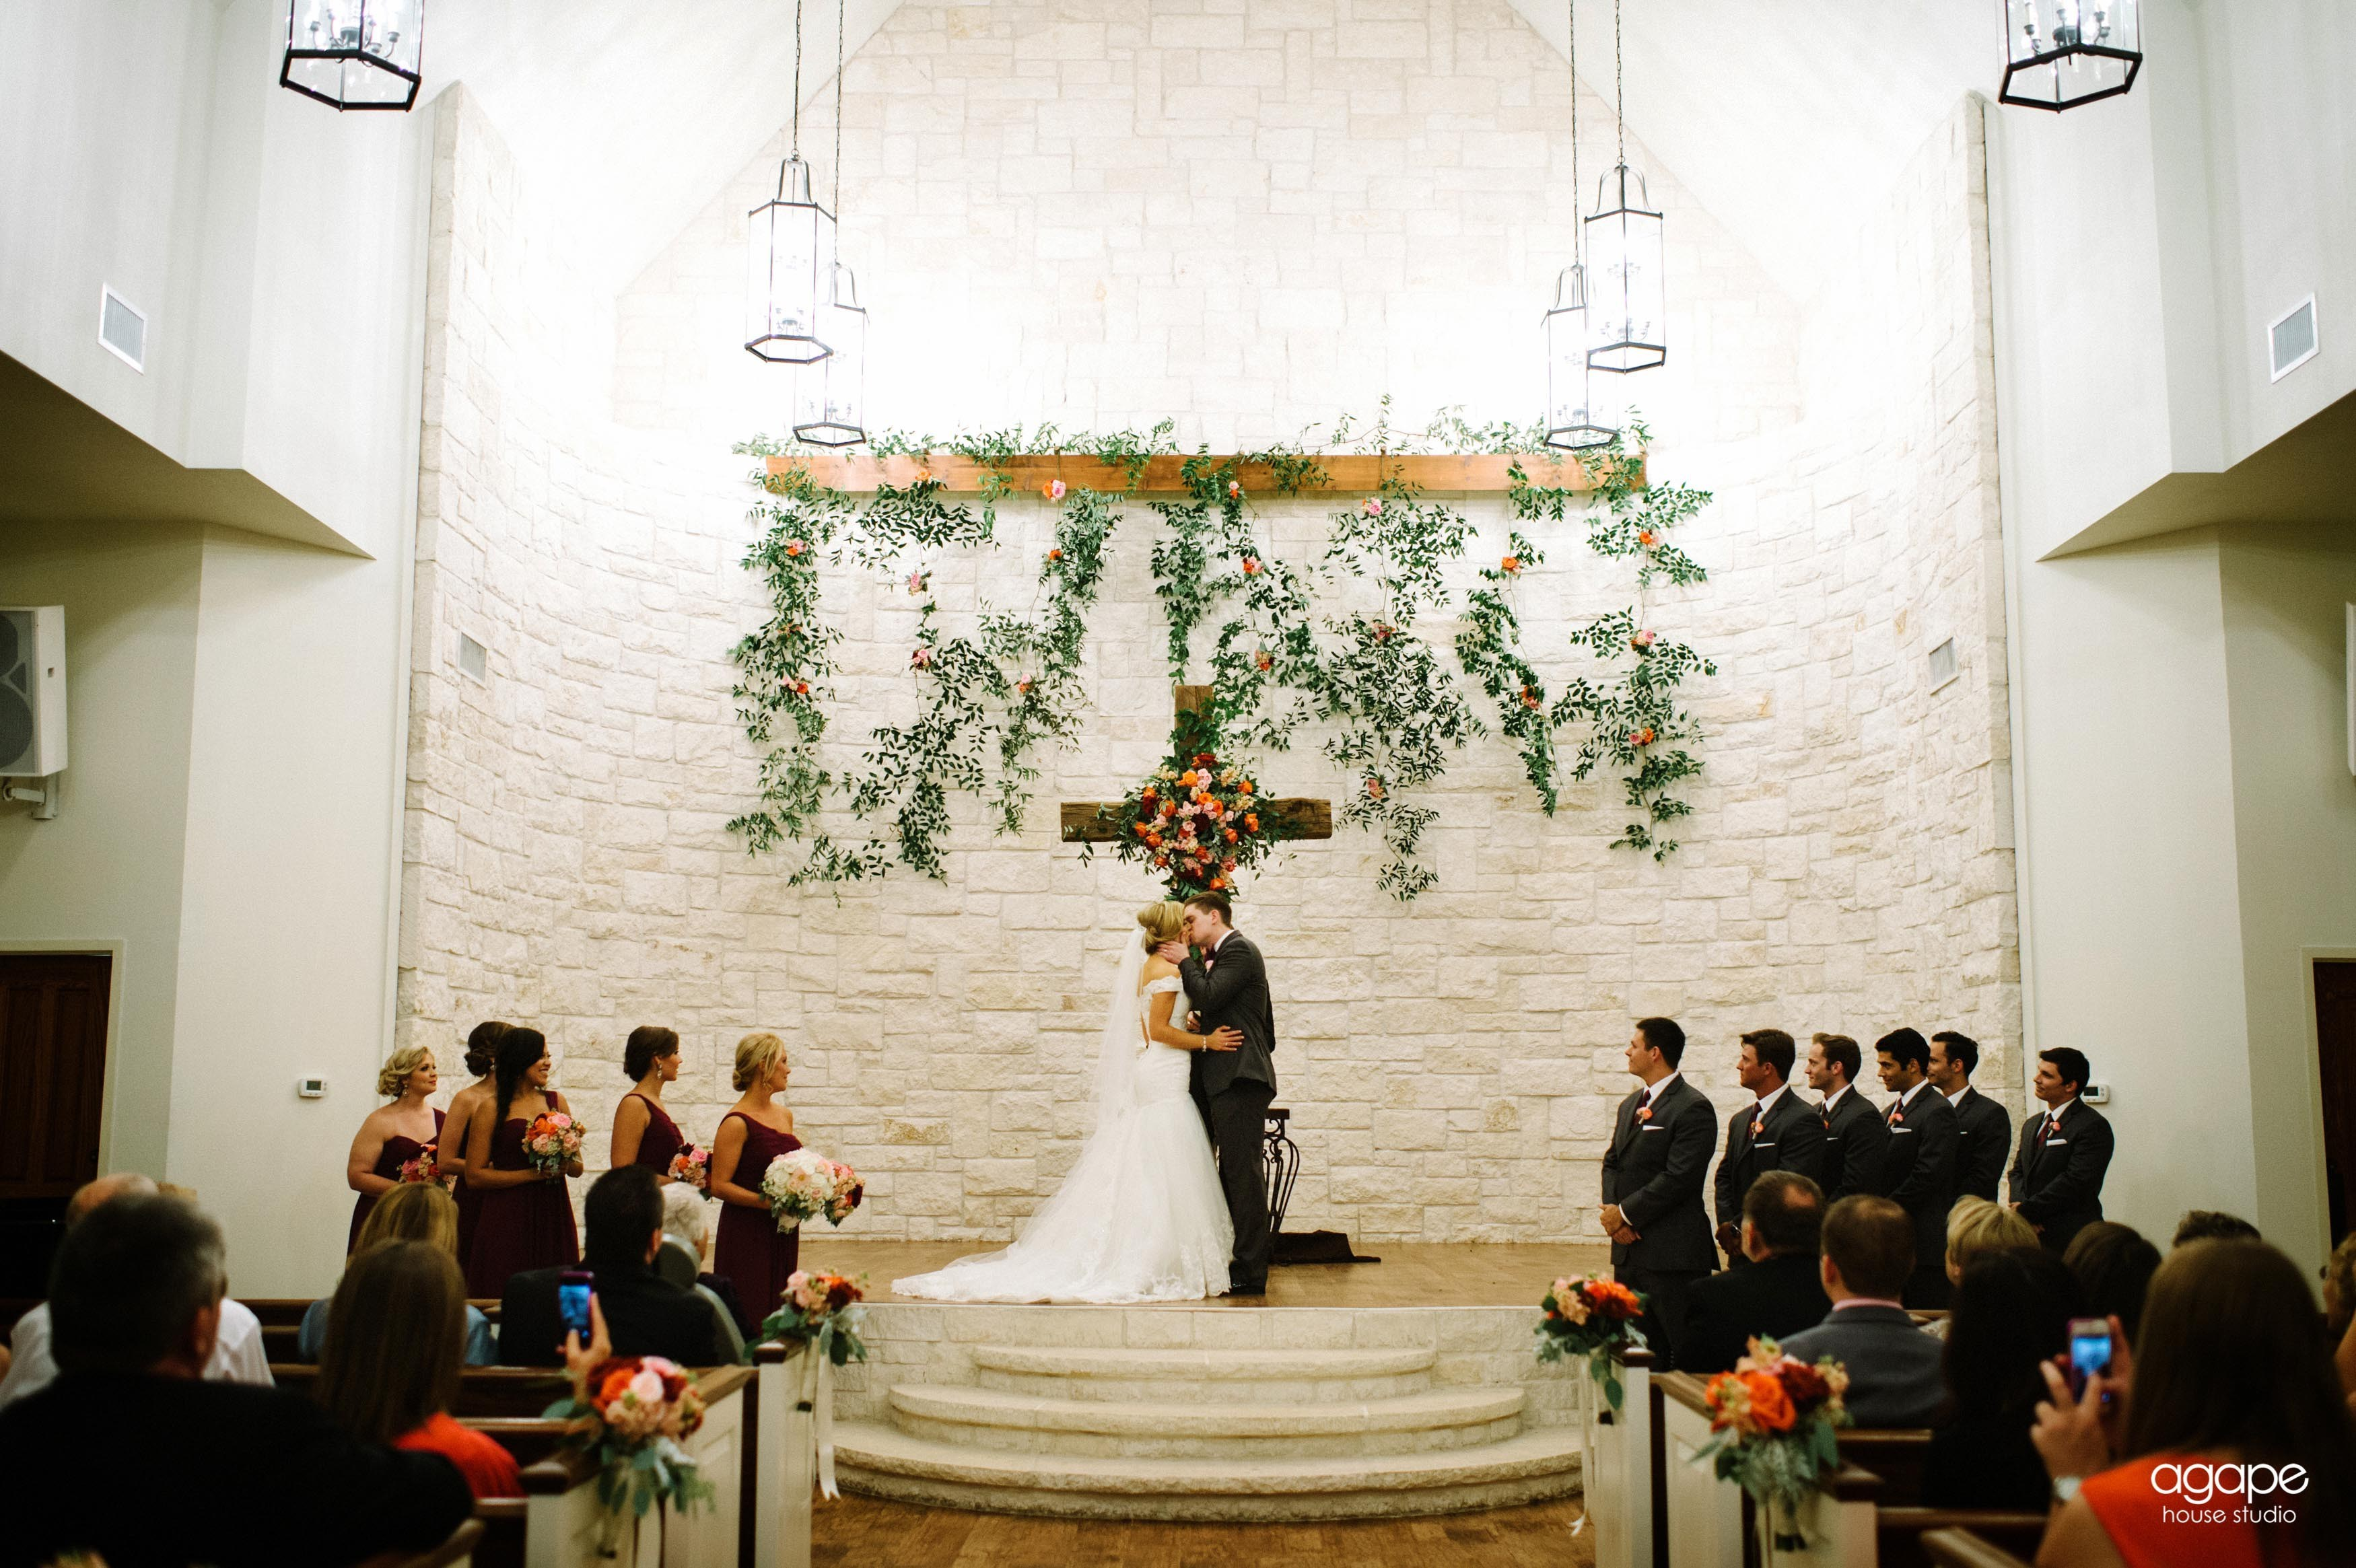 Briscoe Manor Richmond Weddings Houston Wedding Venues 77406